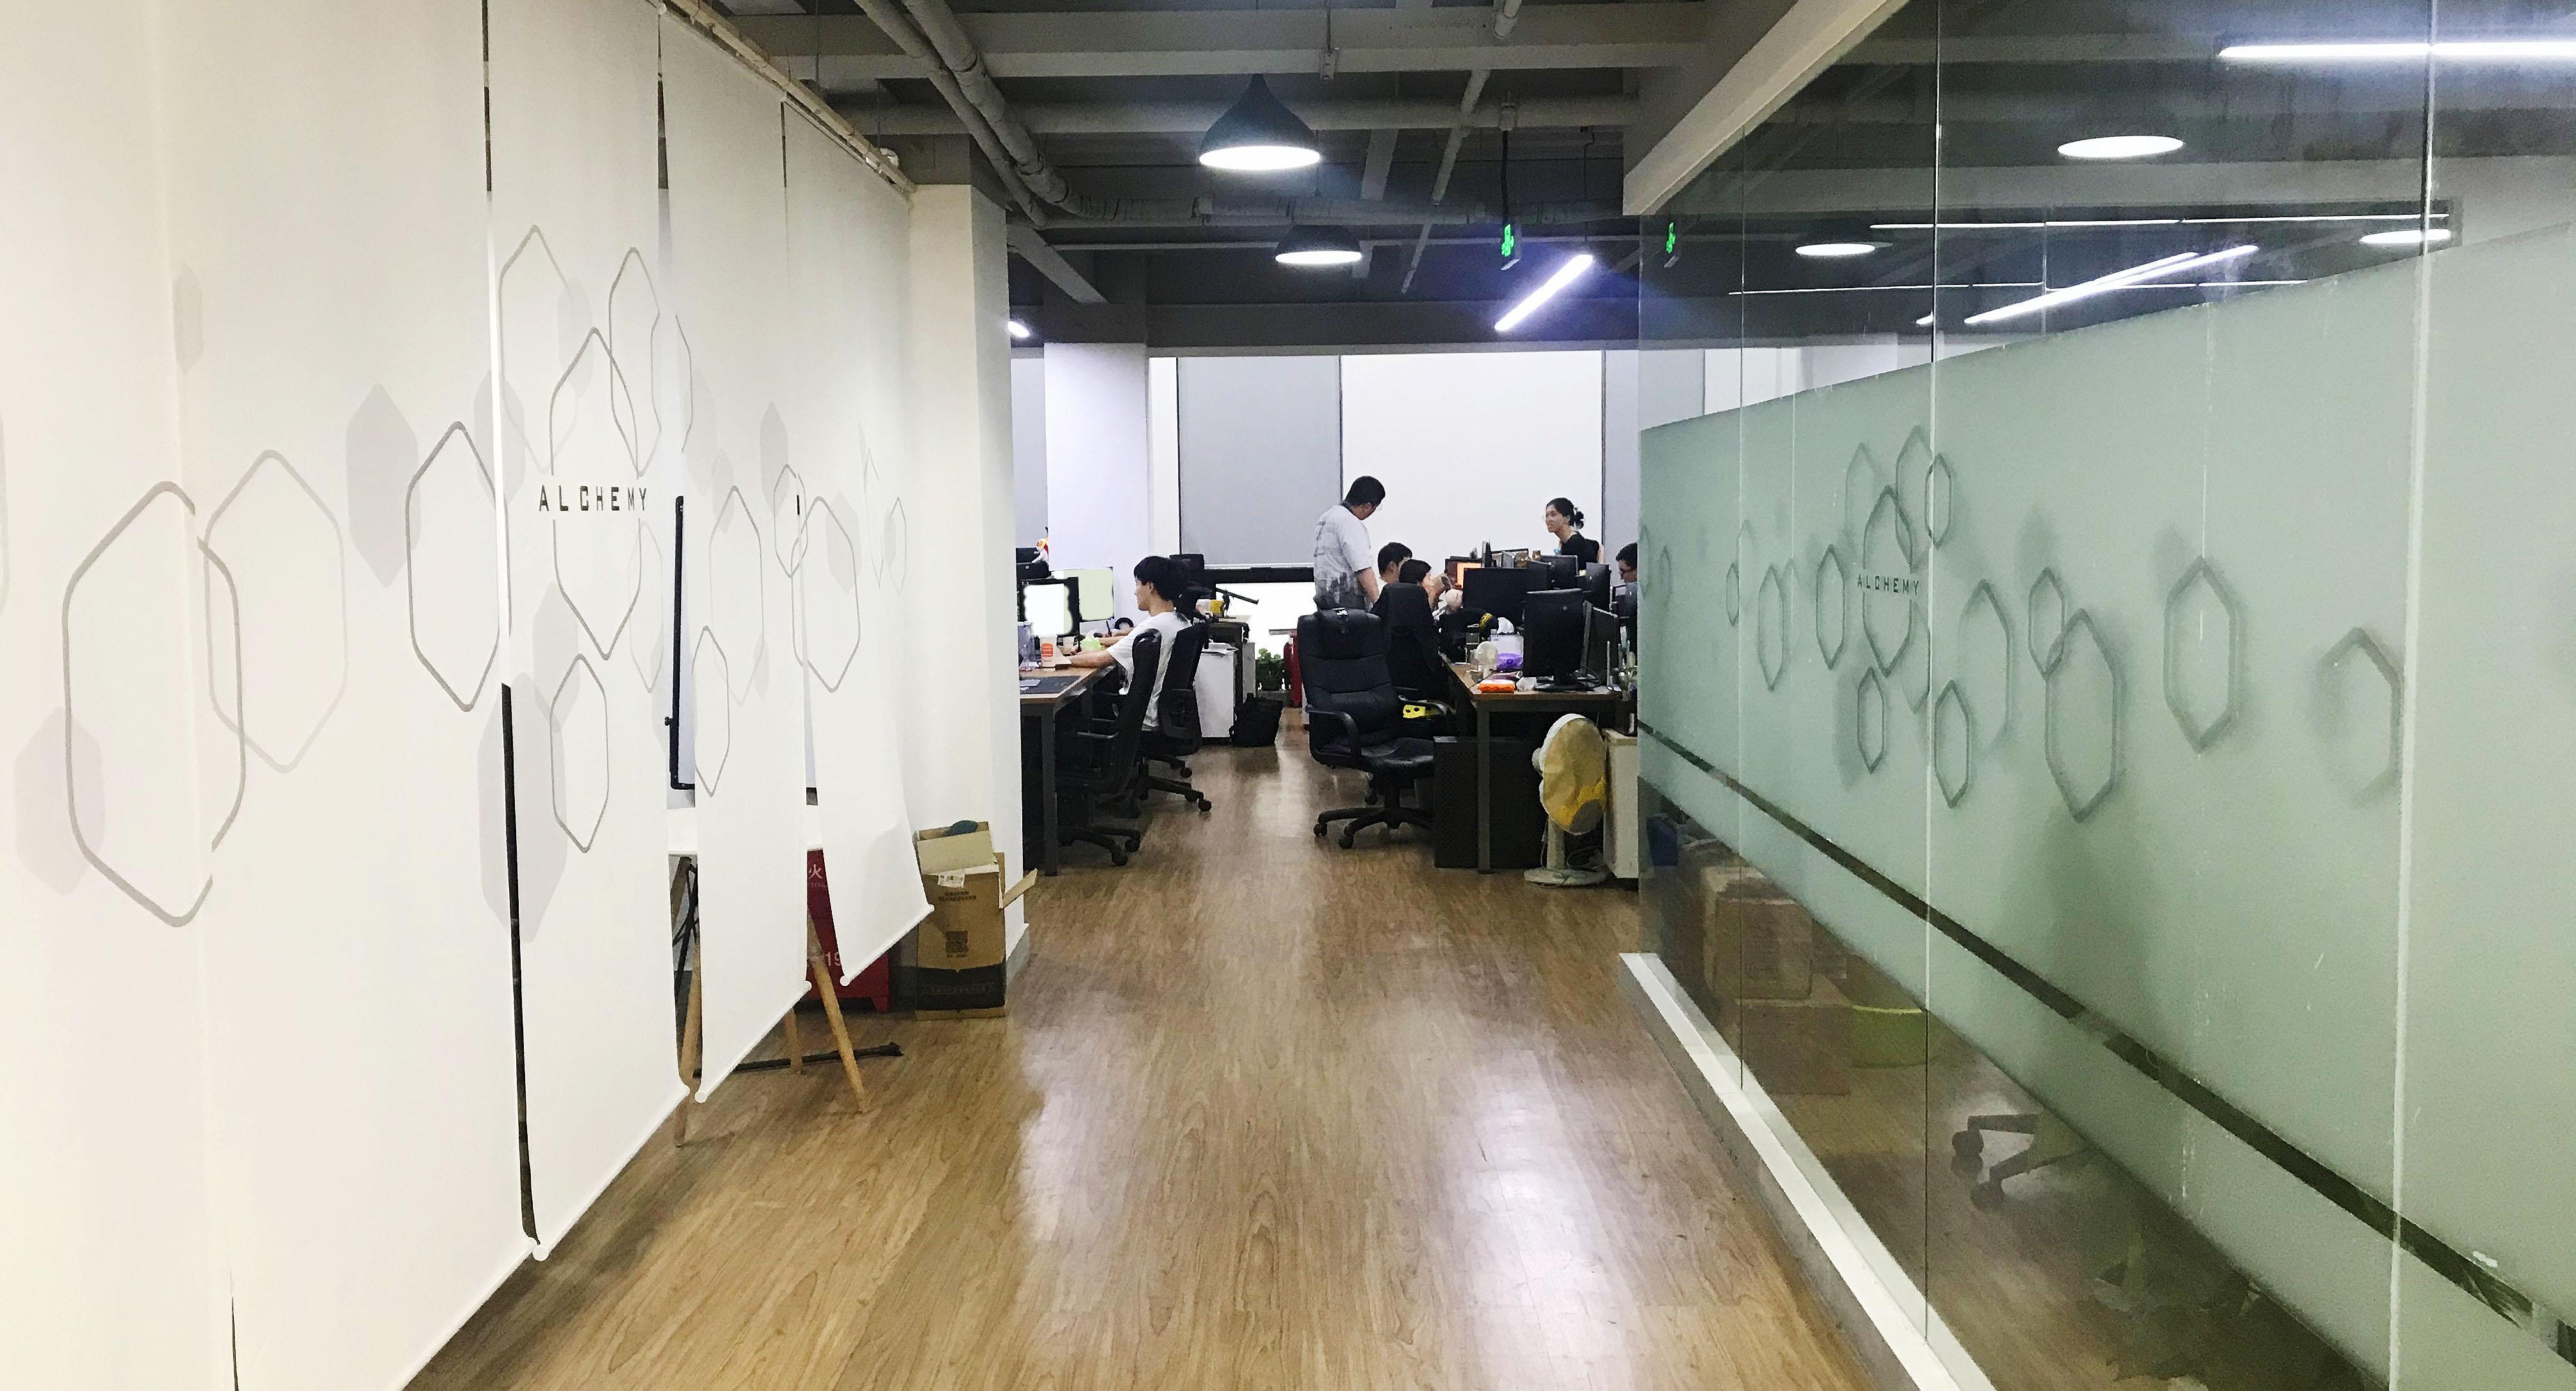 第九联盟创新教学模式 让学员与企业零距离接轨